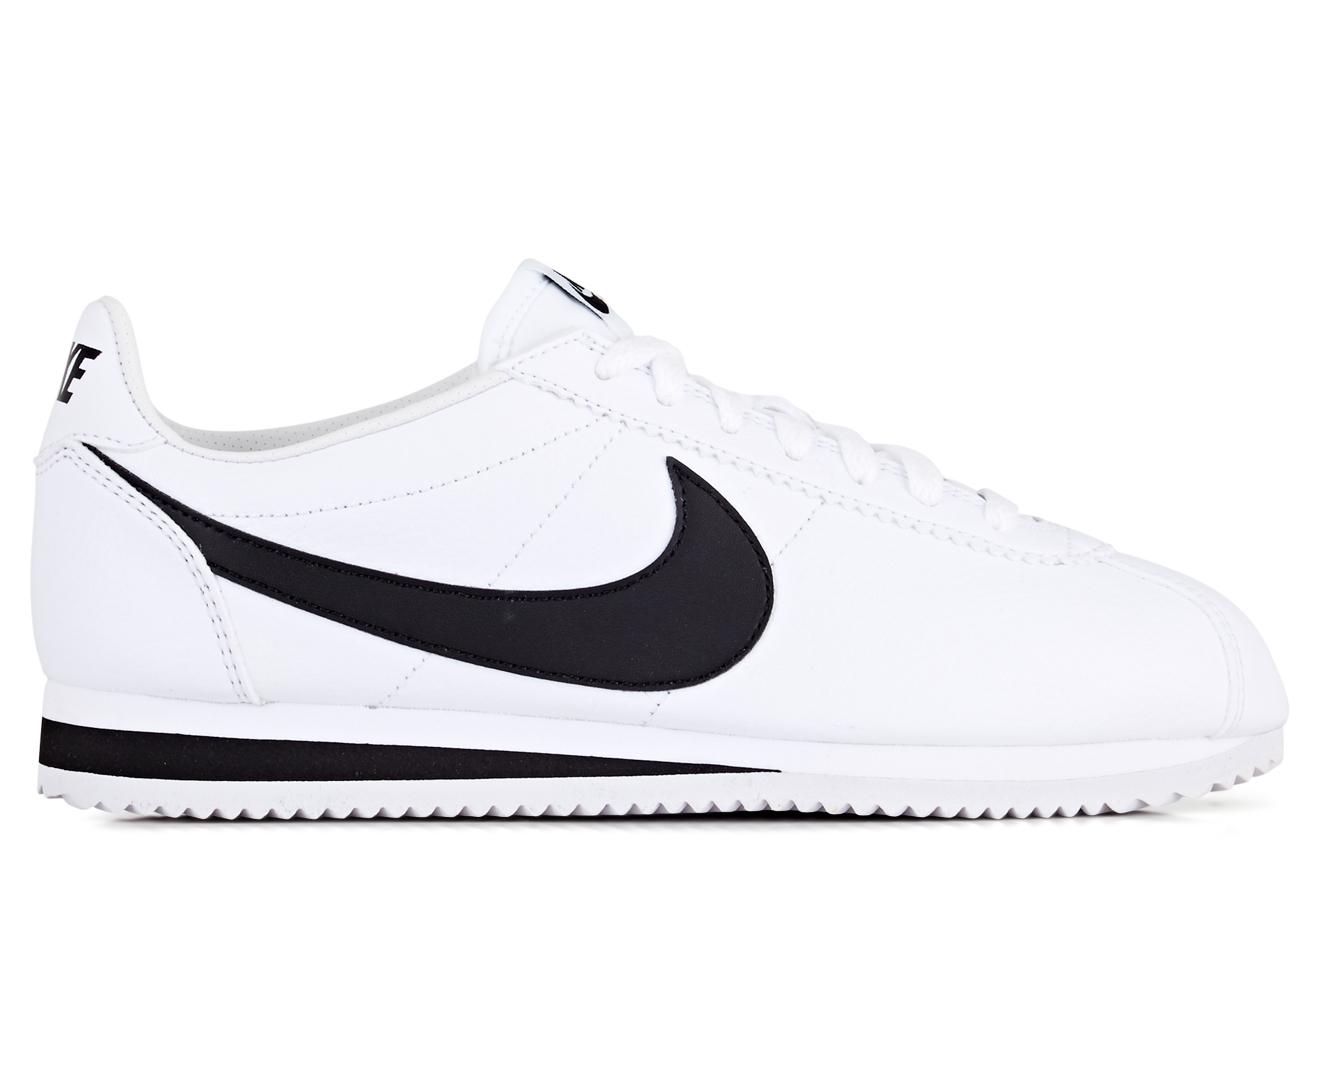 Details about Nike Men's Classic Cortez Leather Shoe WhiteBlack